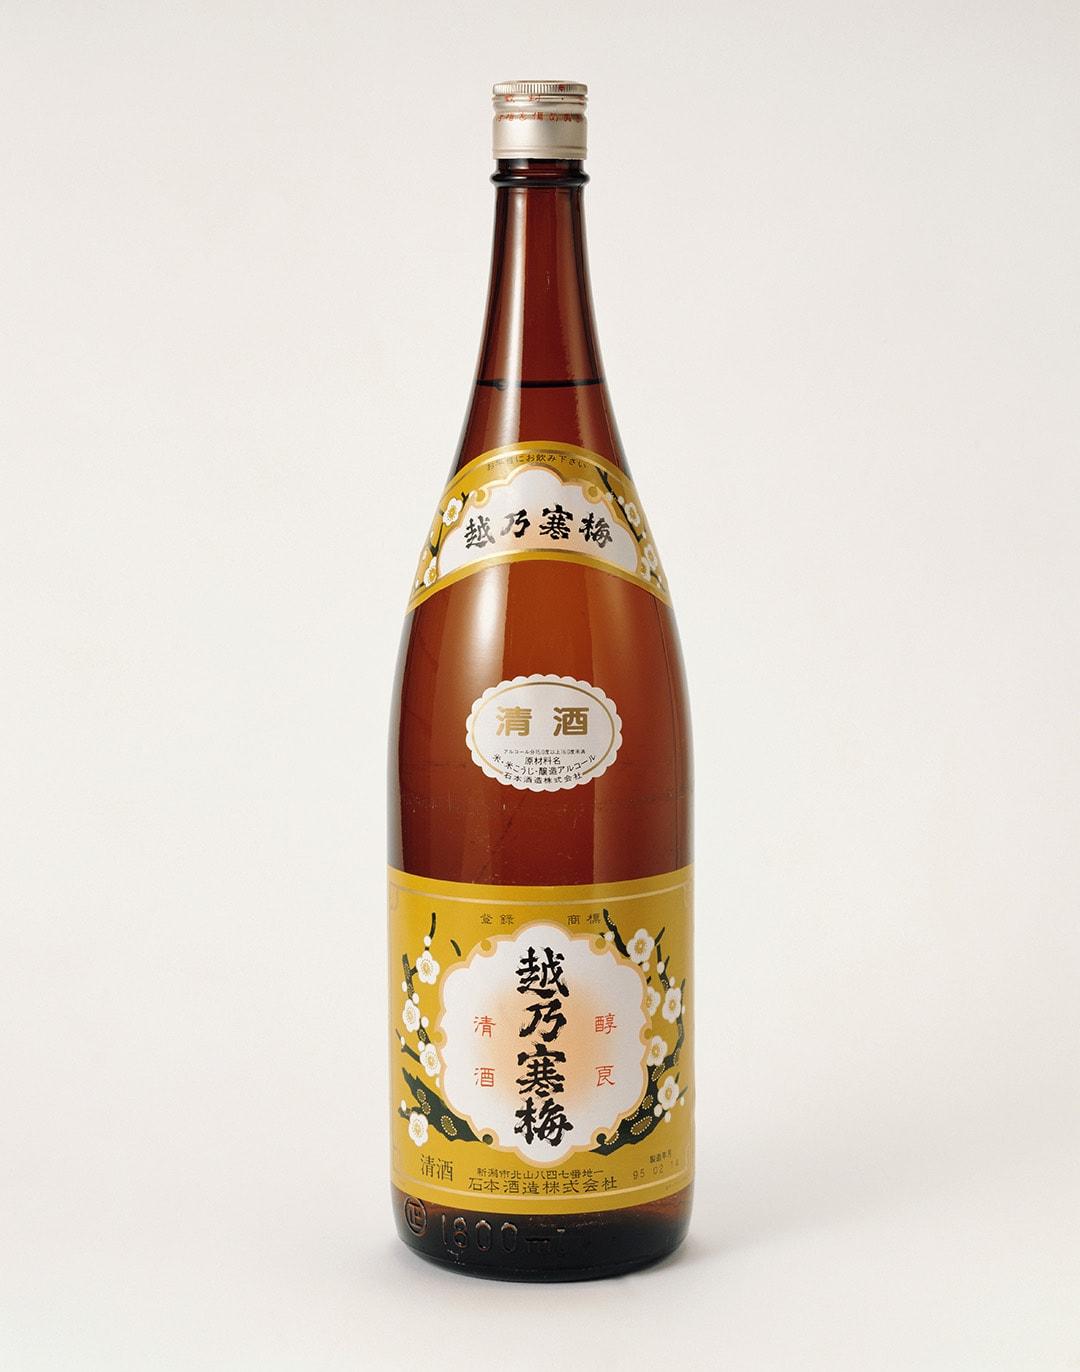 일본에서 손꼽히는 쌀의 고장=사케 고장, 니가타현